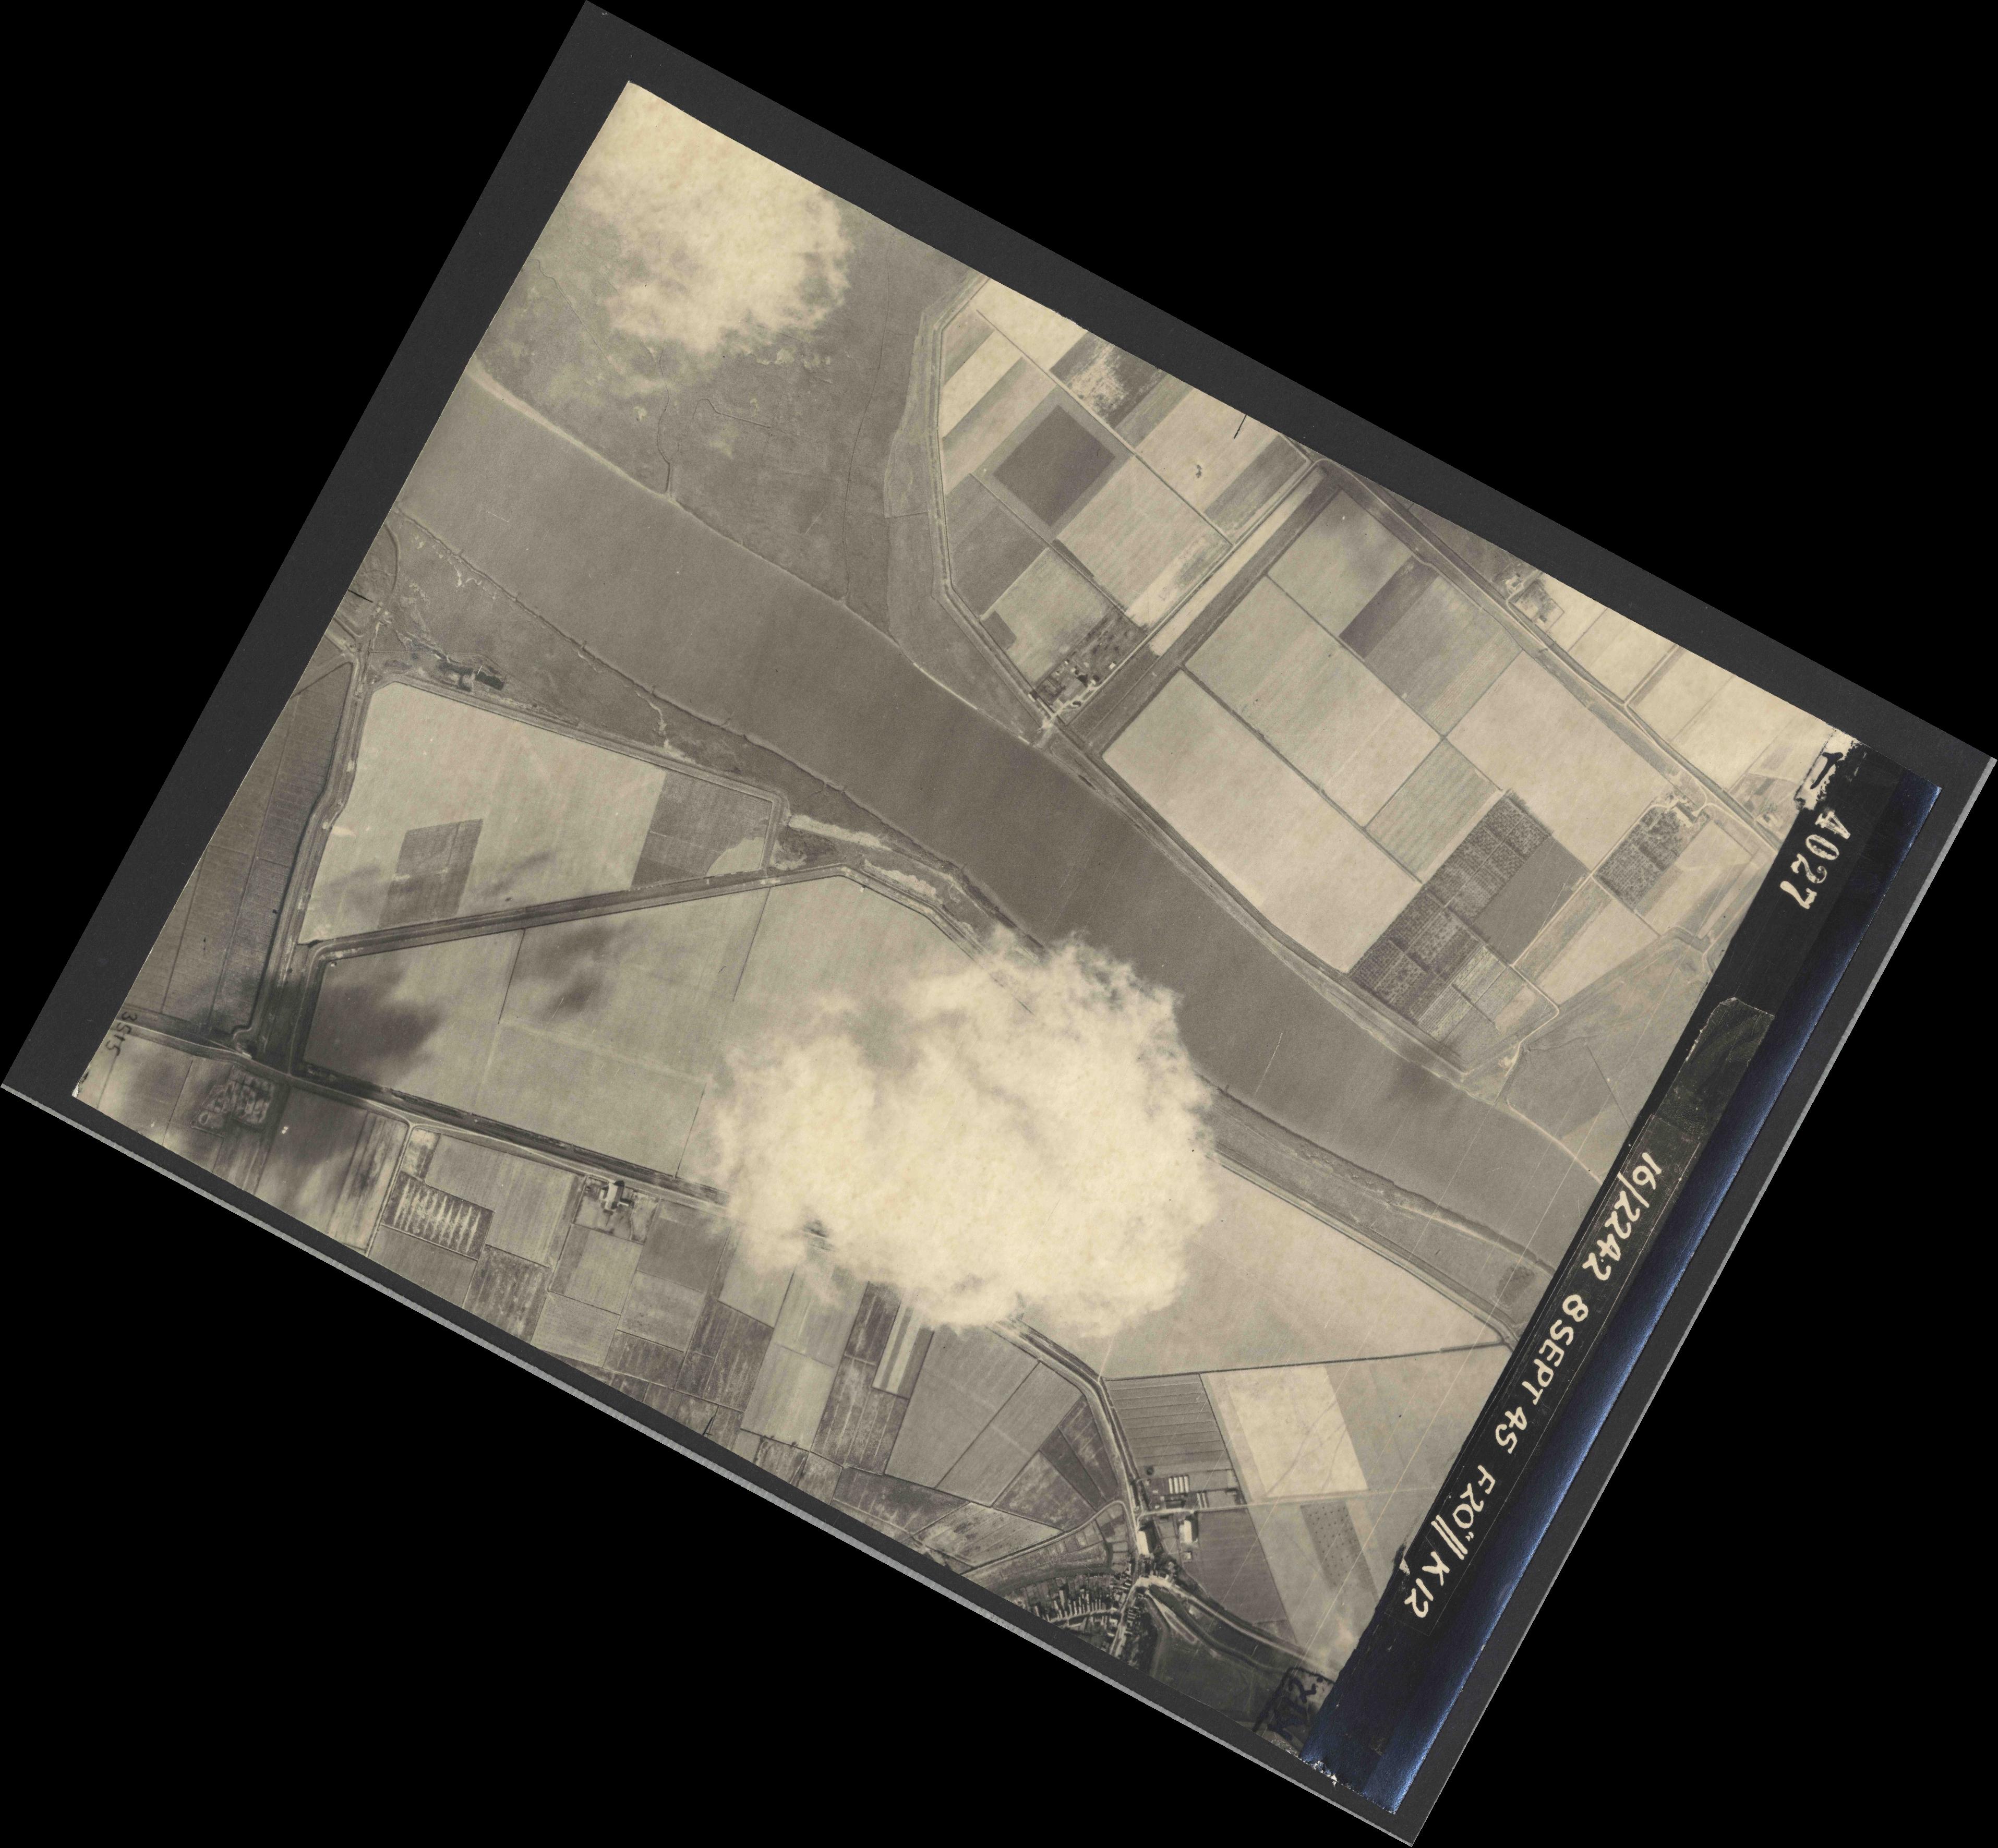 Collection RAF aerial photos 1940-1945 - flight 036, run 11, photo 4027